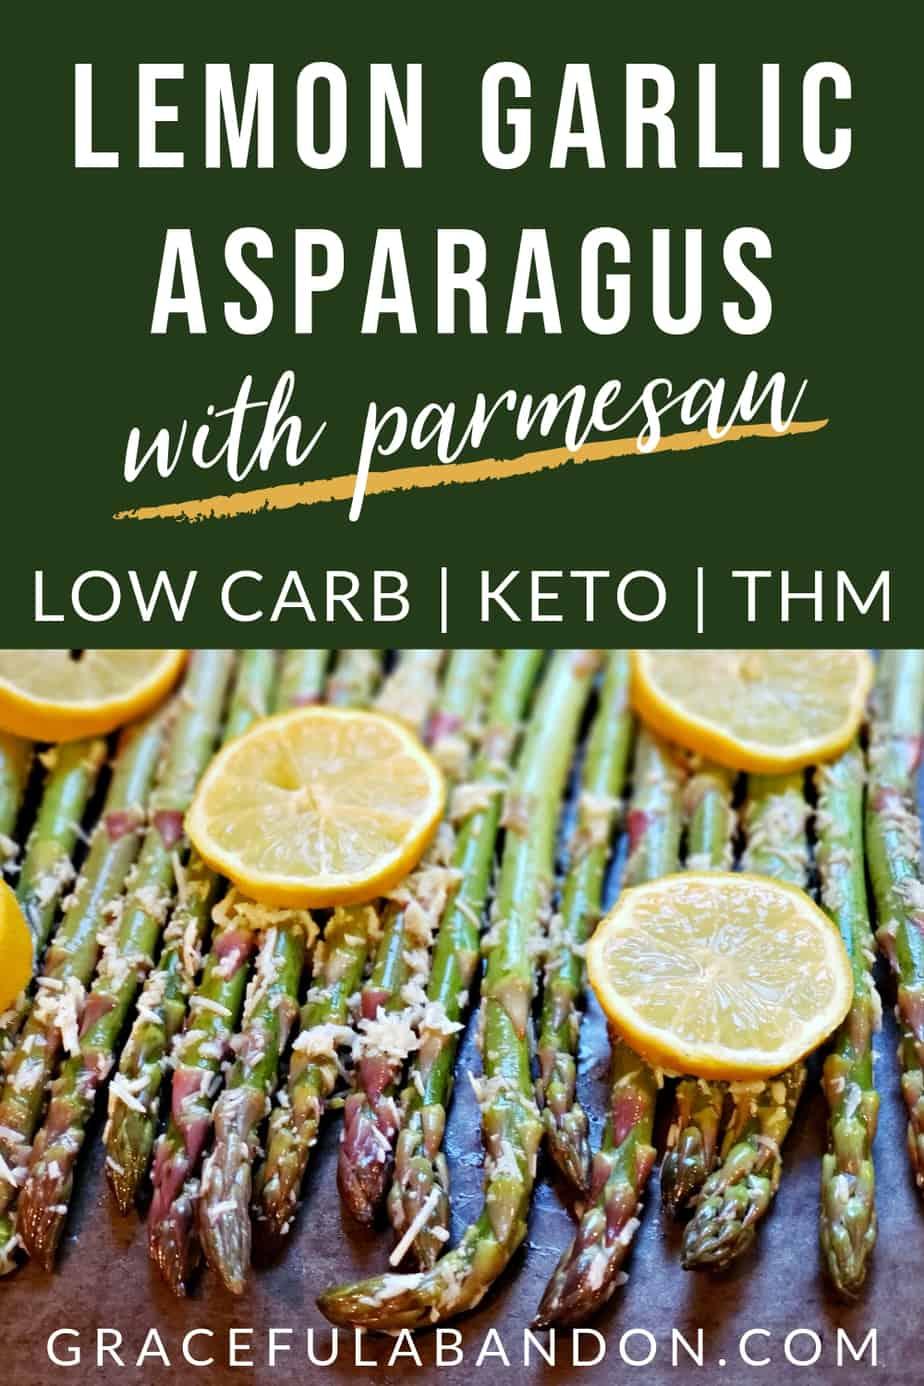 lemon garlic asparagus with parmesan